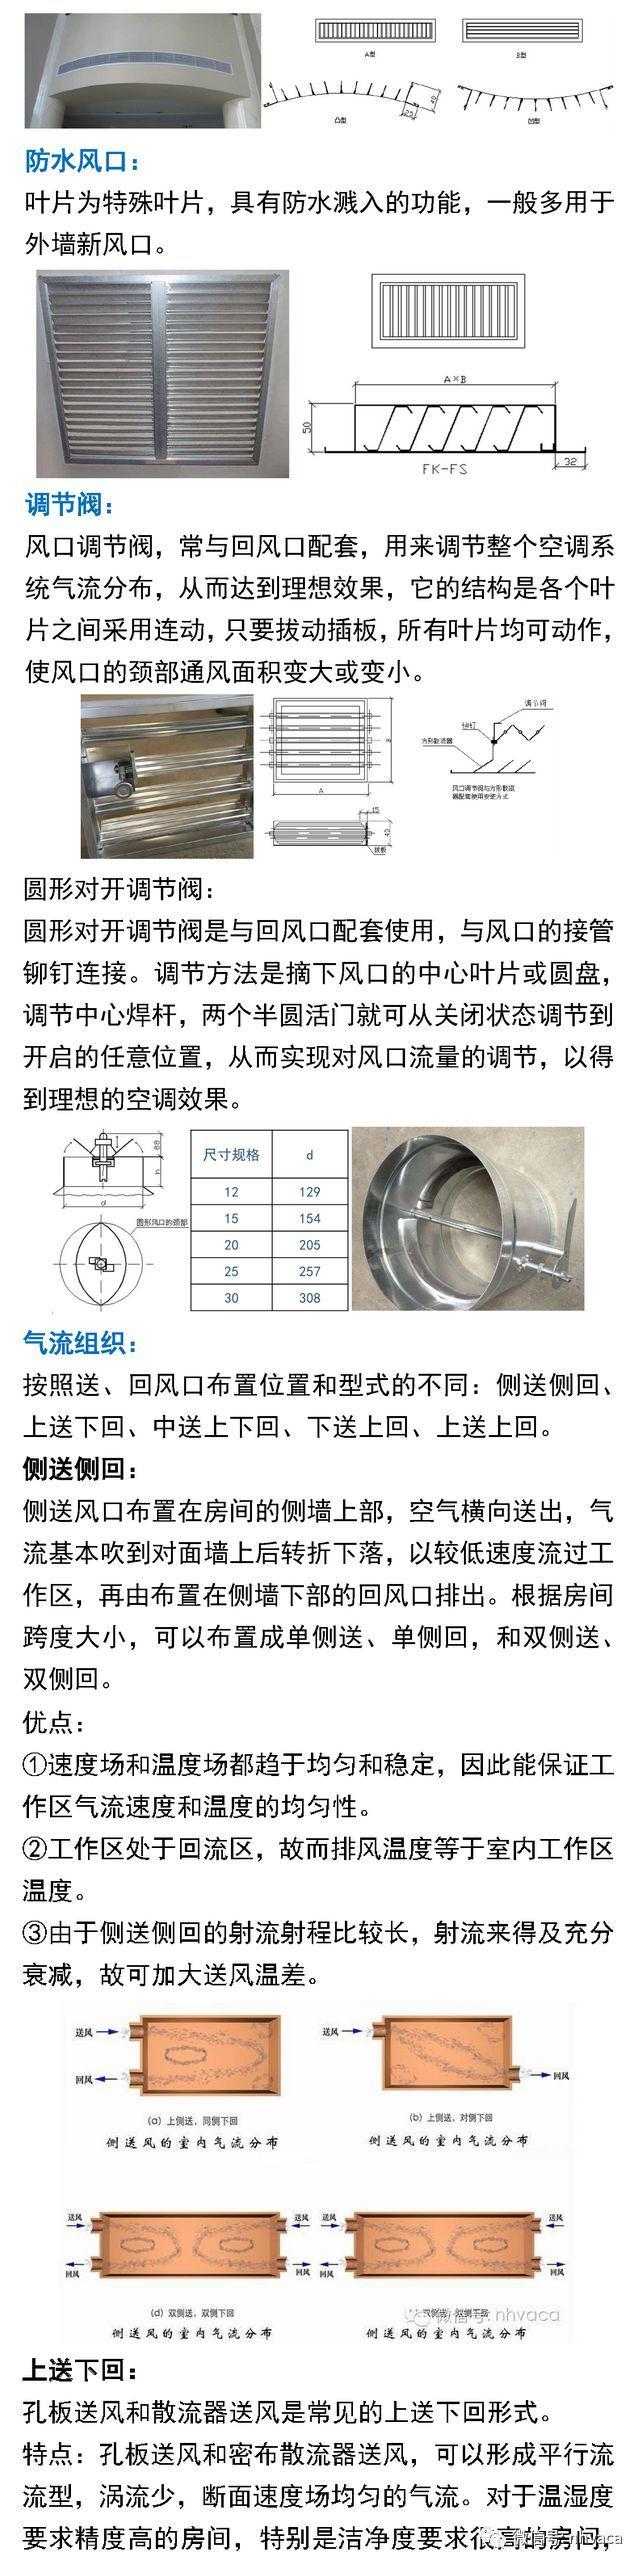 风口散流器与气流组织综合应用手册_14